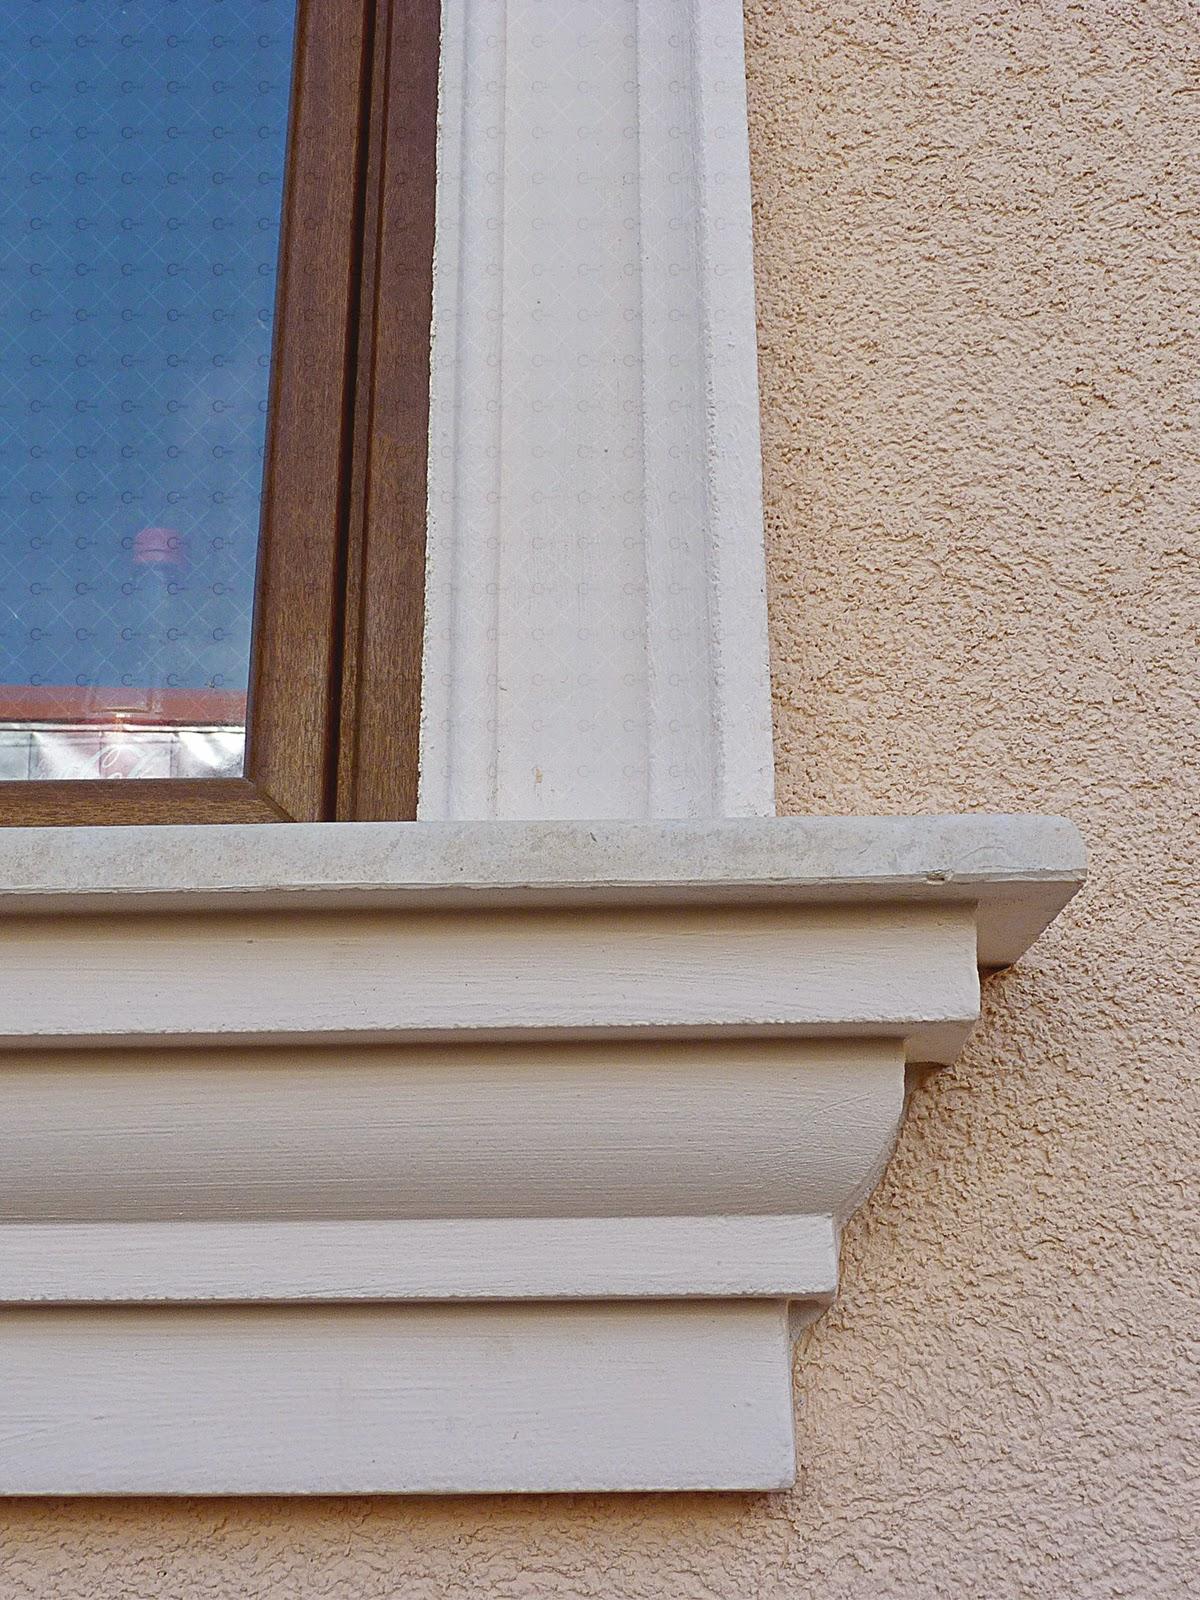 Solbanc din polistiren pentru ferestre la exterior pentru fatade case